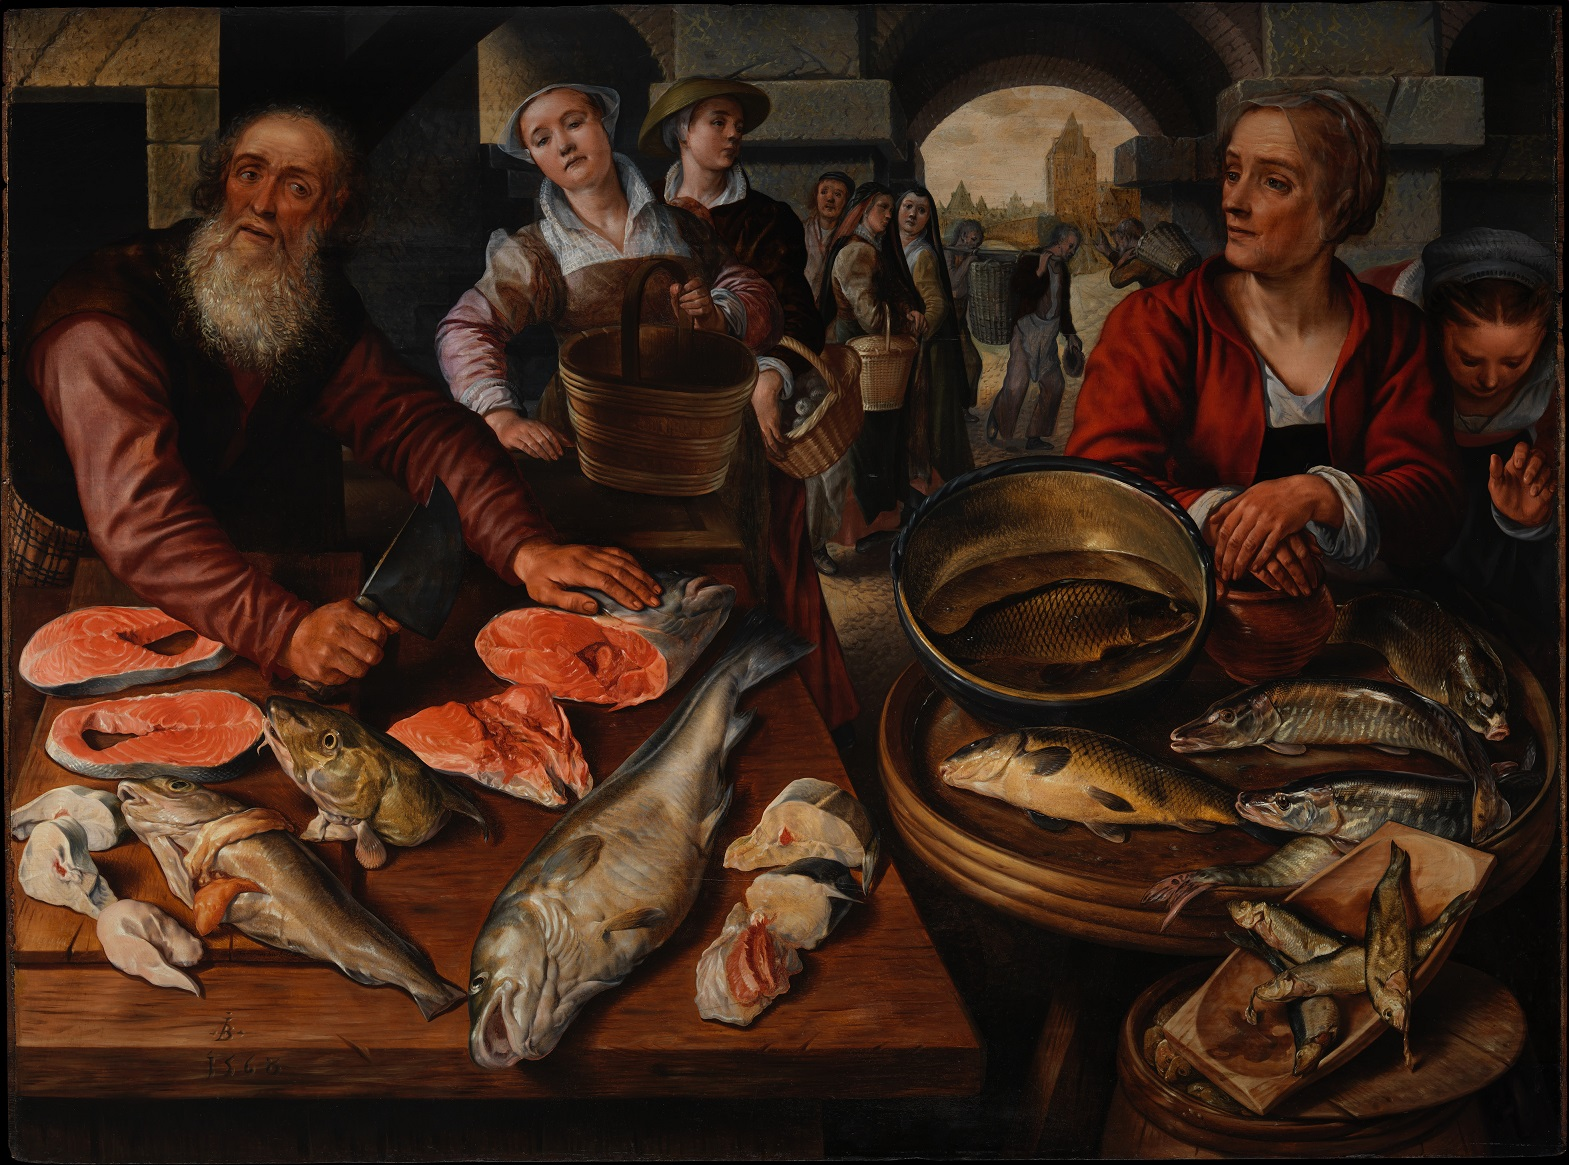 Обои повозка, Ян Брейгель старший, Пейзаж с Путниками, всадник, картина. Разное foto 14